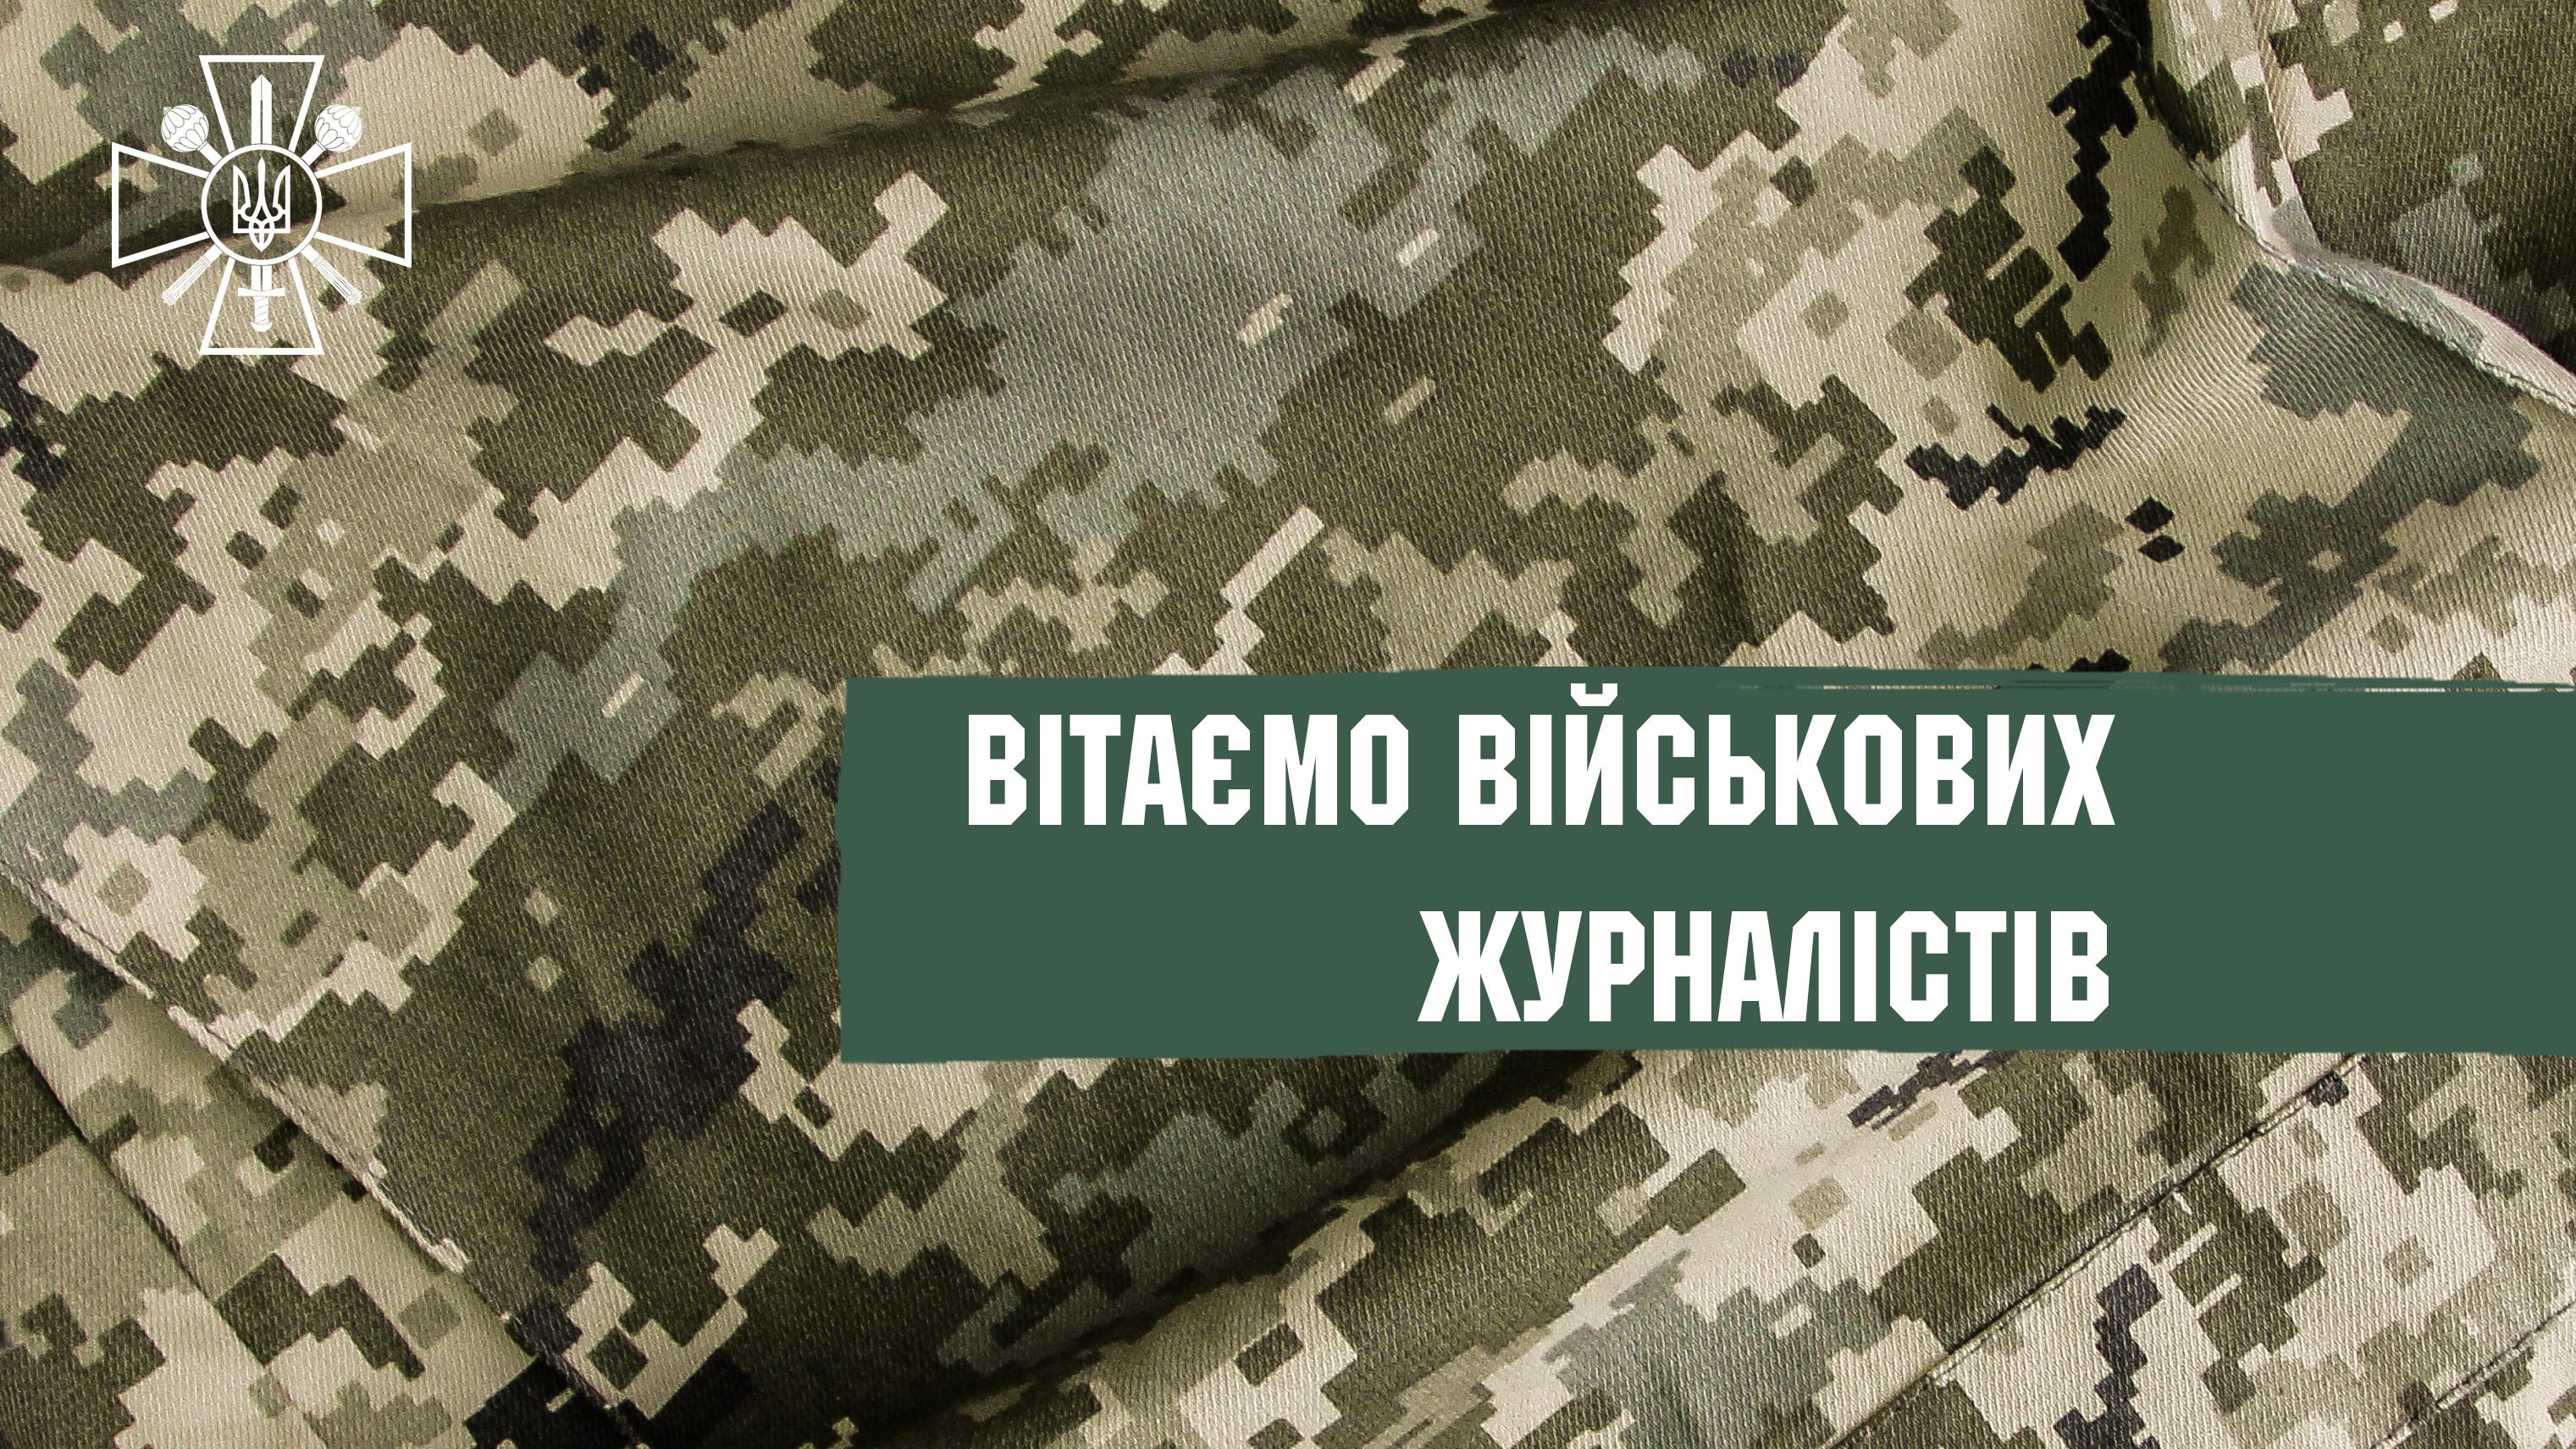 Сьогодні вперше відзначають своє професійне свято військові журналісти